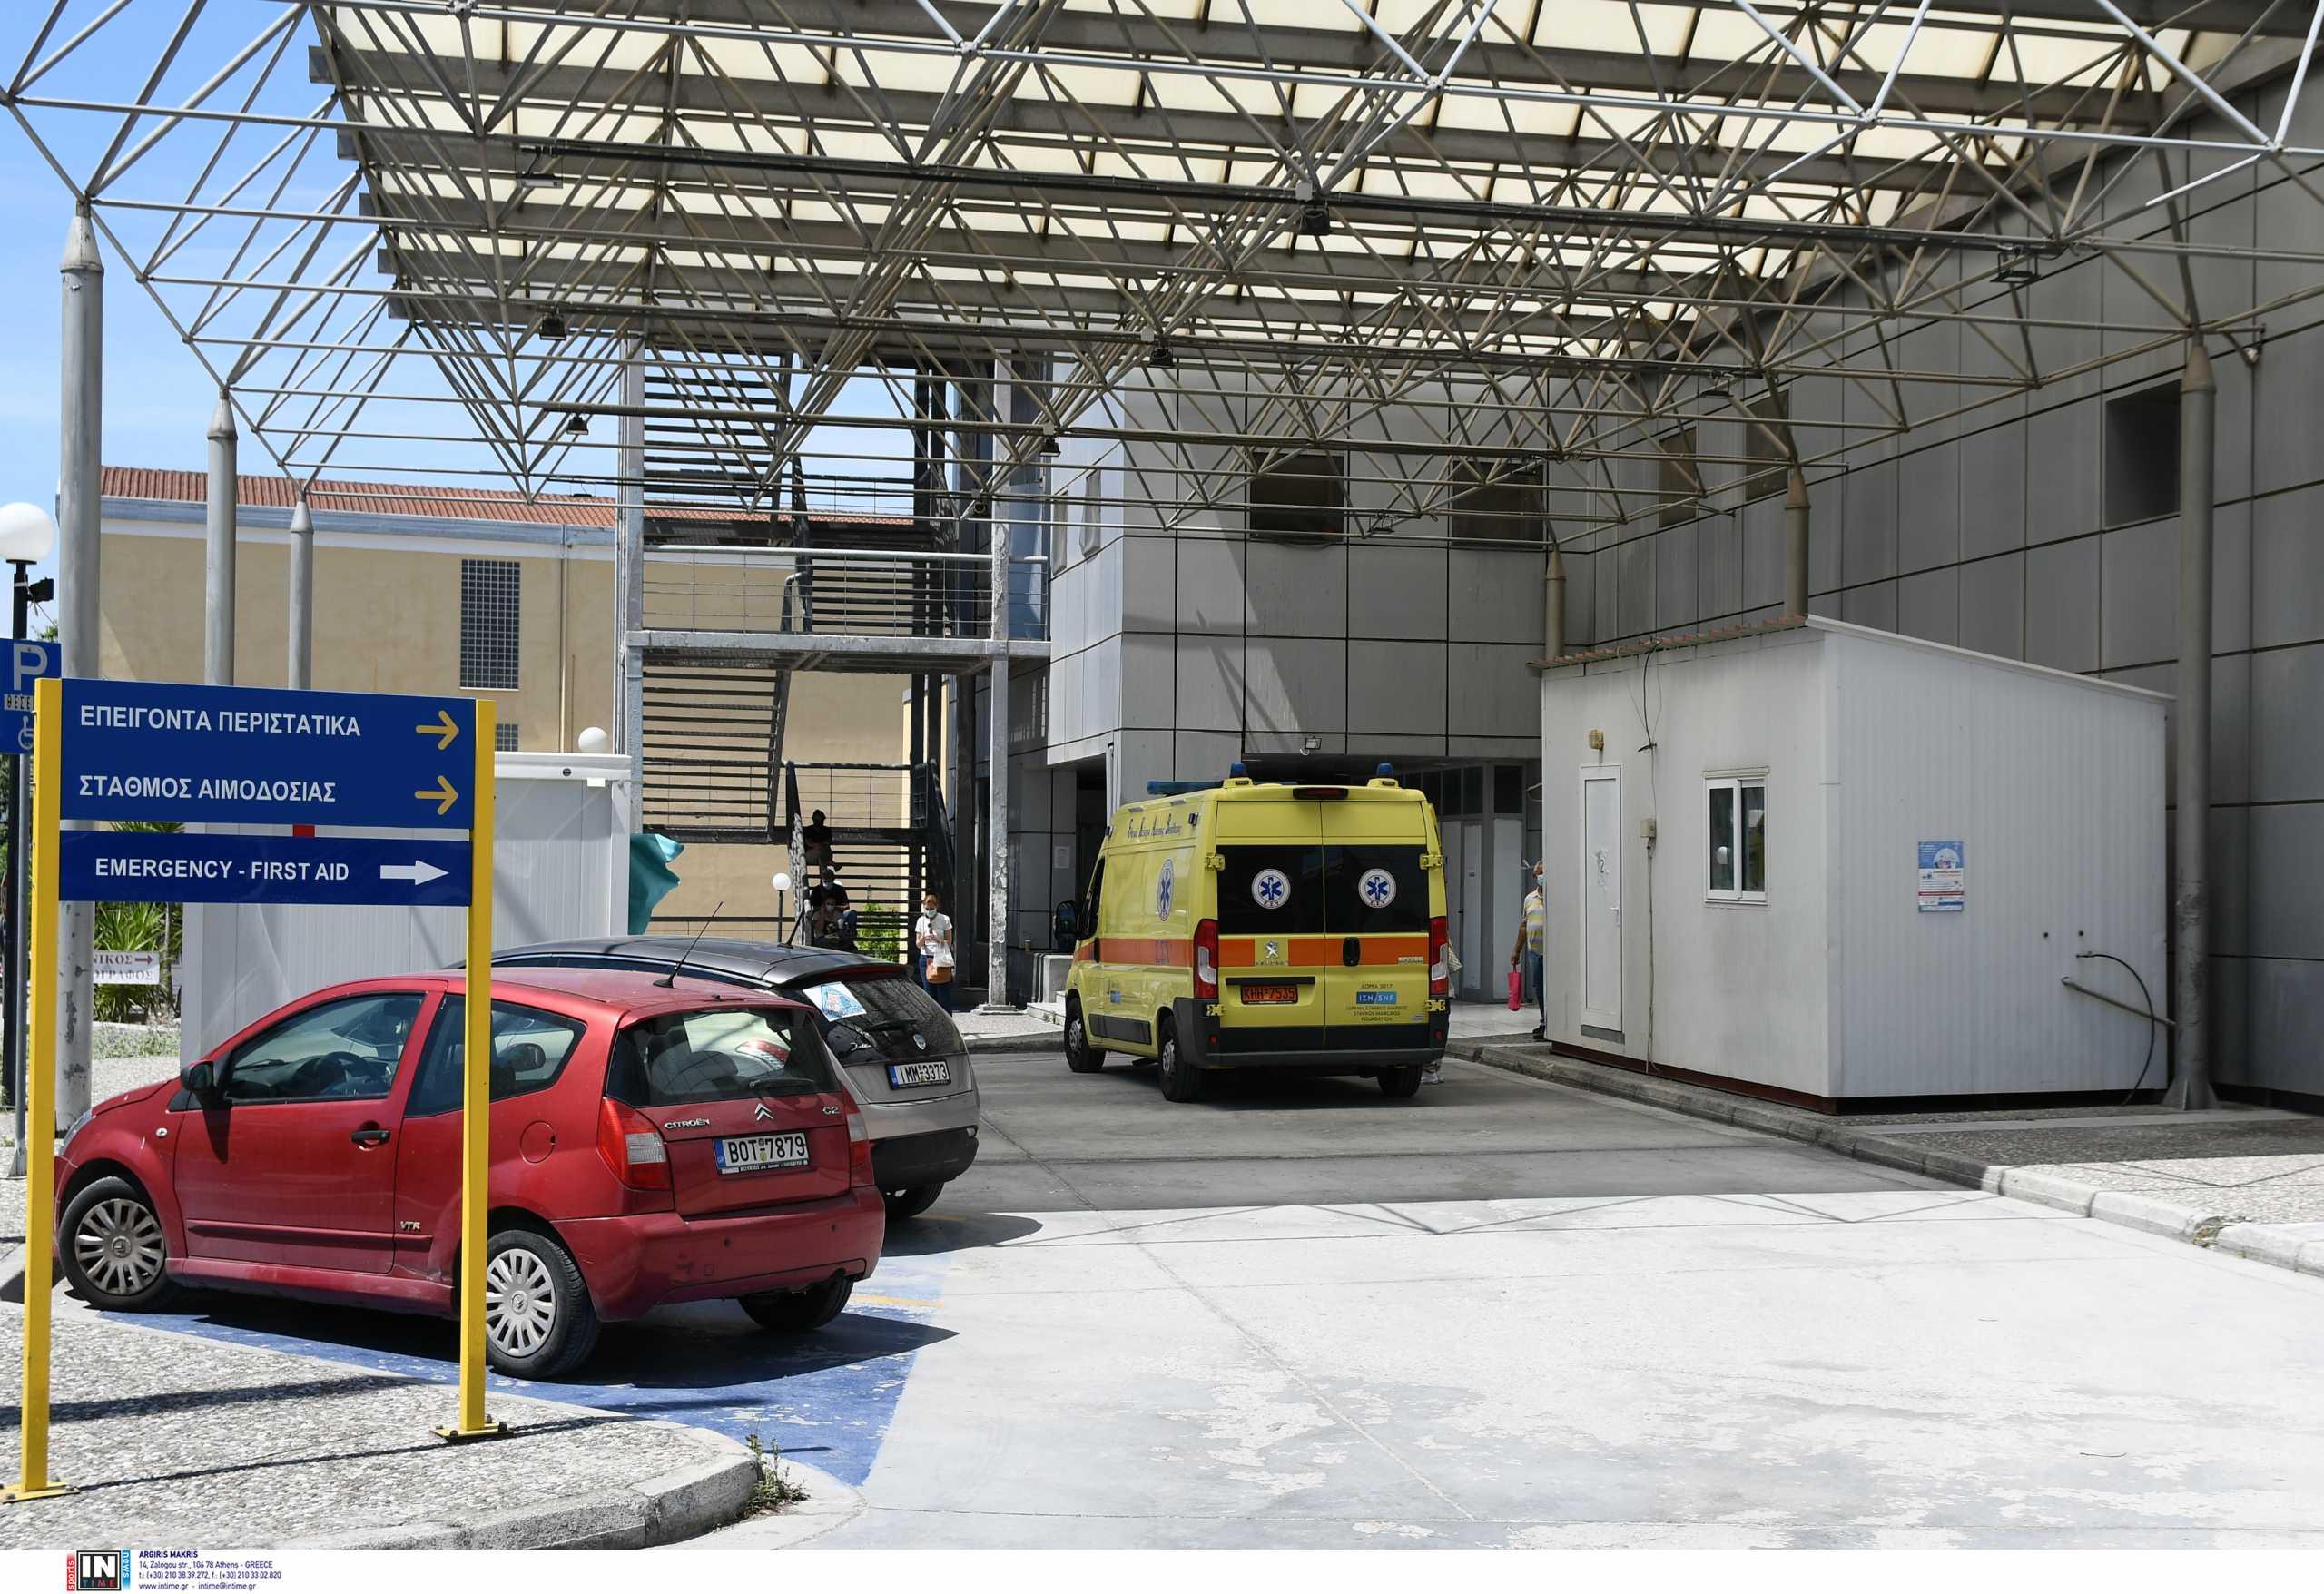 Κορονοϊός – Νίκος Τζανάκης για νοσοκομεία: 350 εισαγωγές ημερησίως μέχρι τέλος Αυγούστου